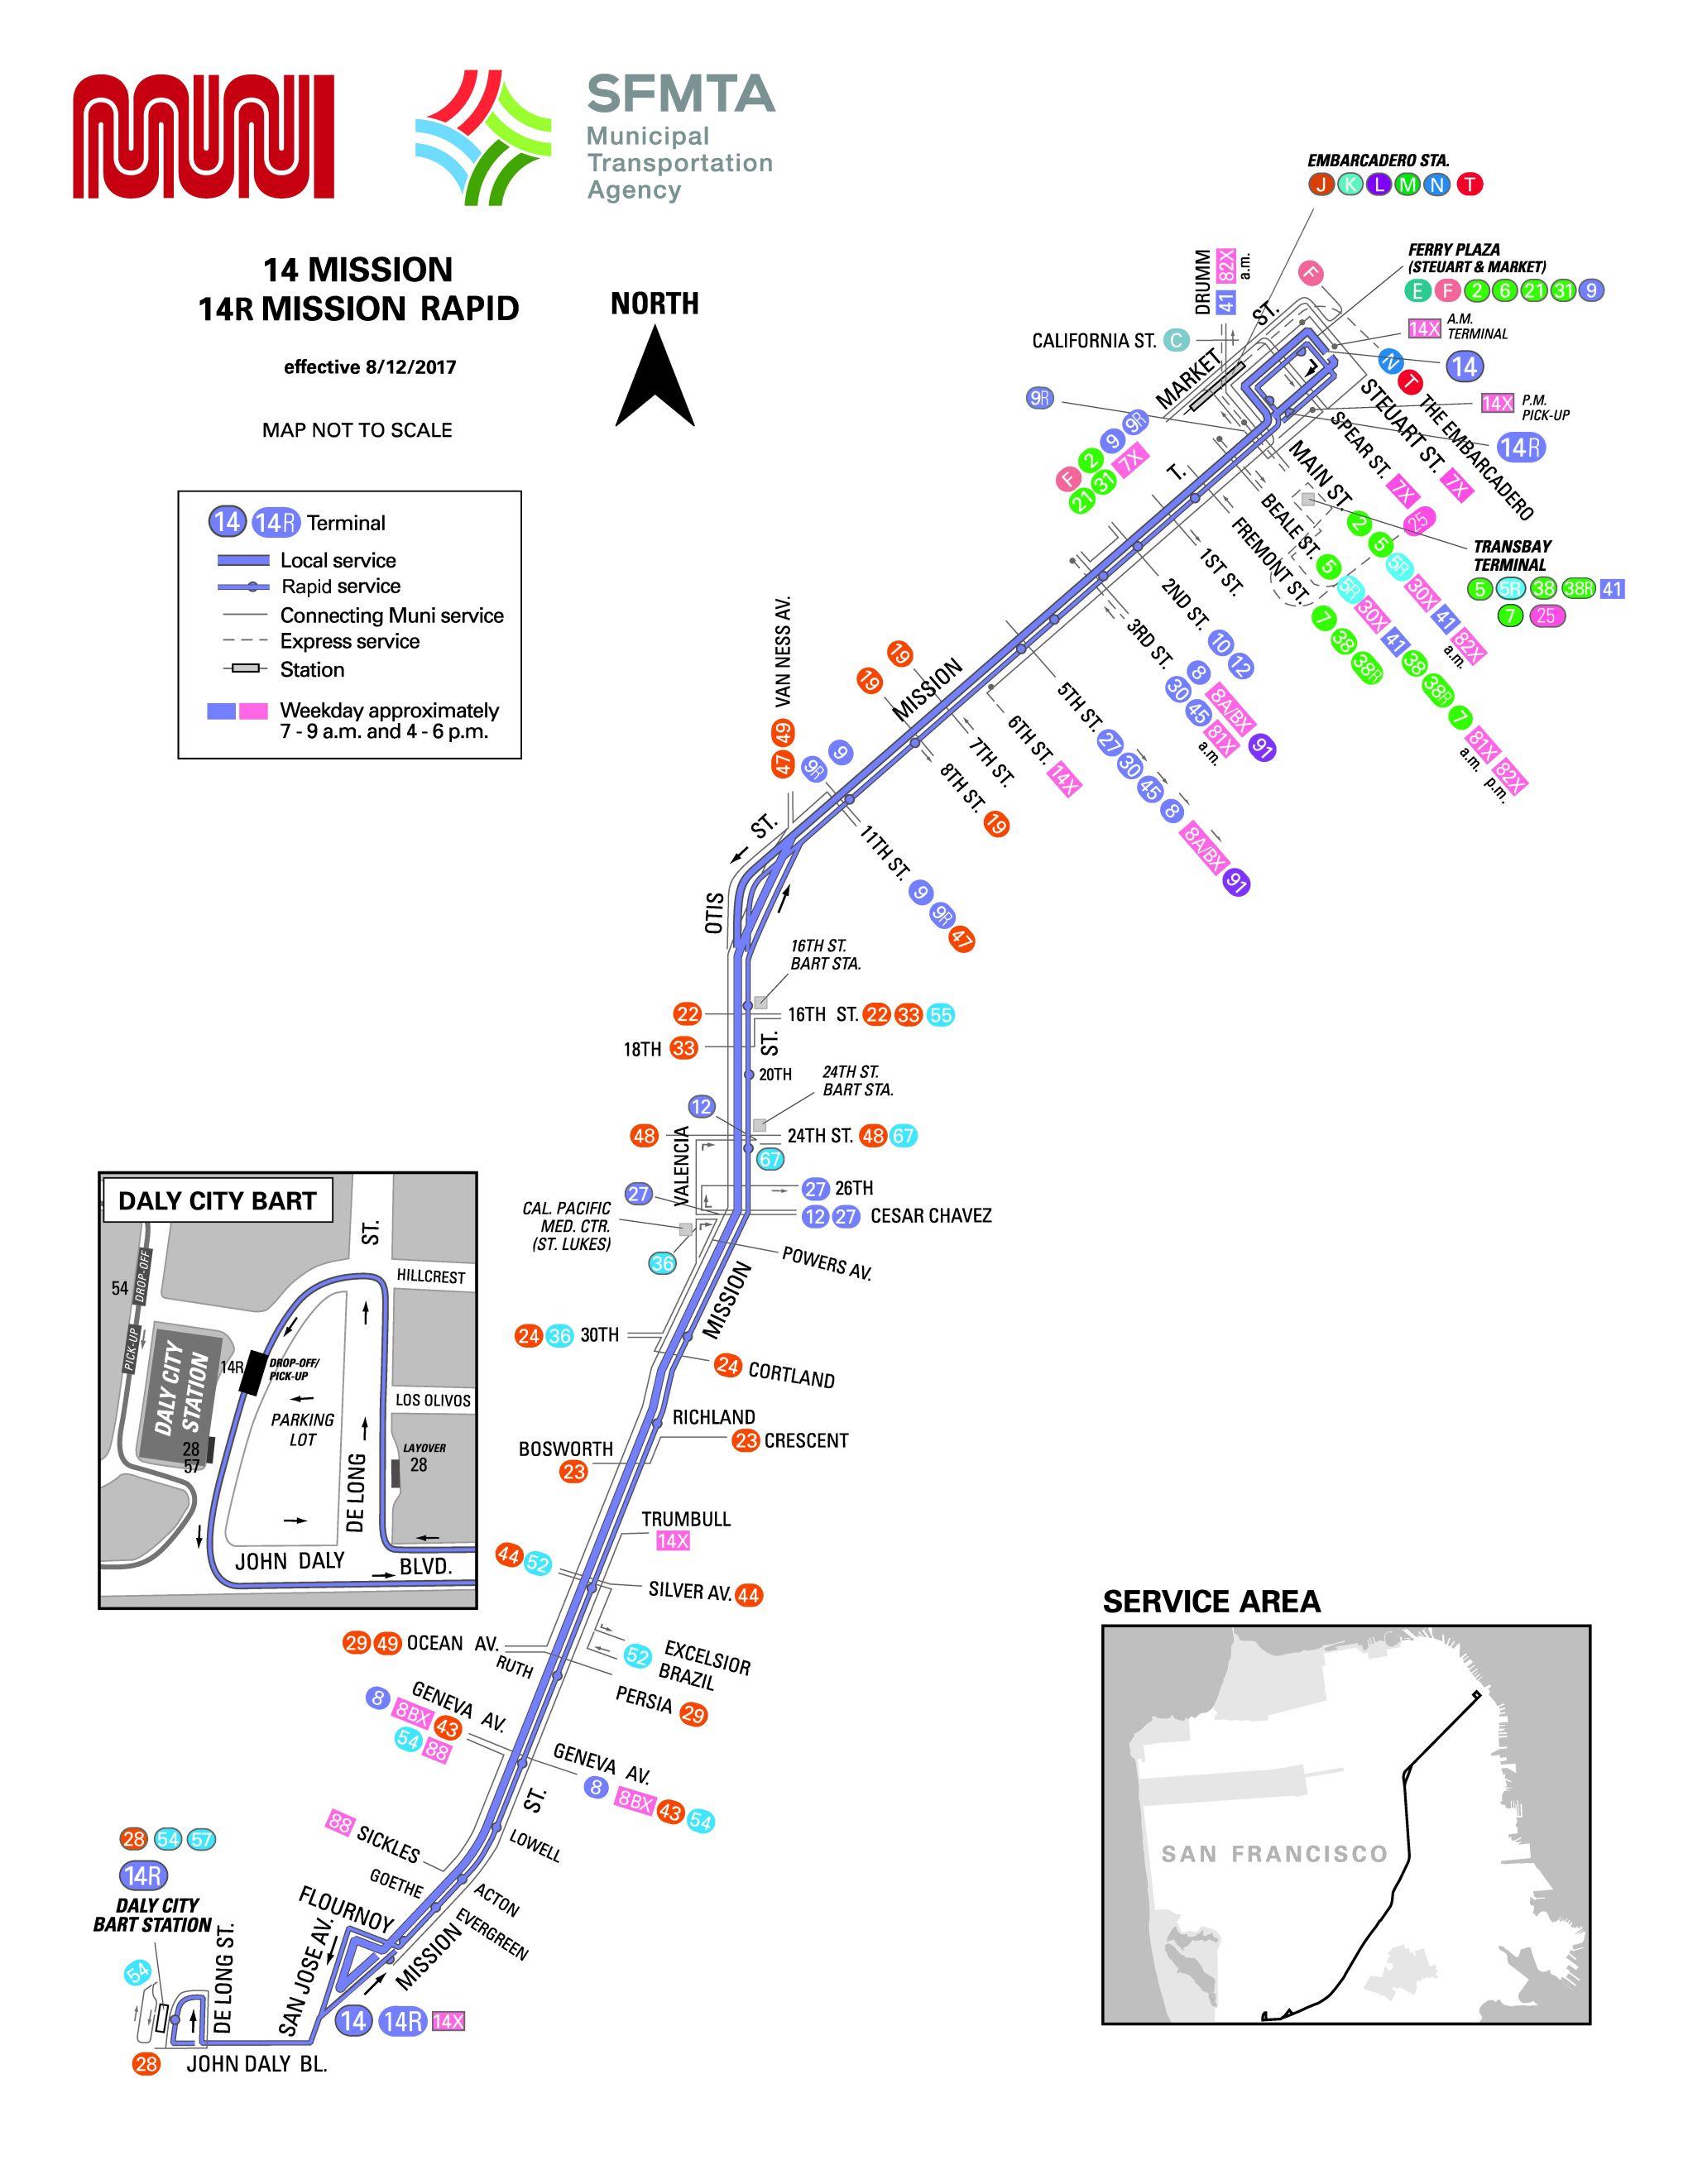 14-Mission Bus Route - SF MUNI - SF Bay Transit on embarcadero muni map, muni line map, muni railway map, bay area rapid transit map, golden gate transit map, madison metro map, muni metro map, muni transit map, downtown seattle transit tunnel map, sfmta muni map, muni trip planner map, muni owl map, la county metro map, muni station map, bay area zip code map, muni light rail map, bart map, mission bay muni map, muni downtown map, san jose, california map,